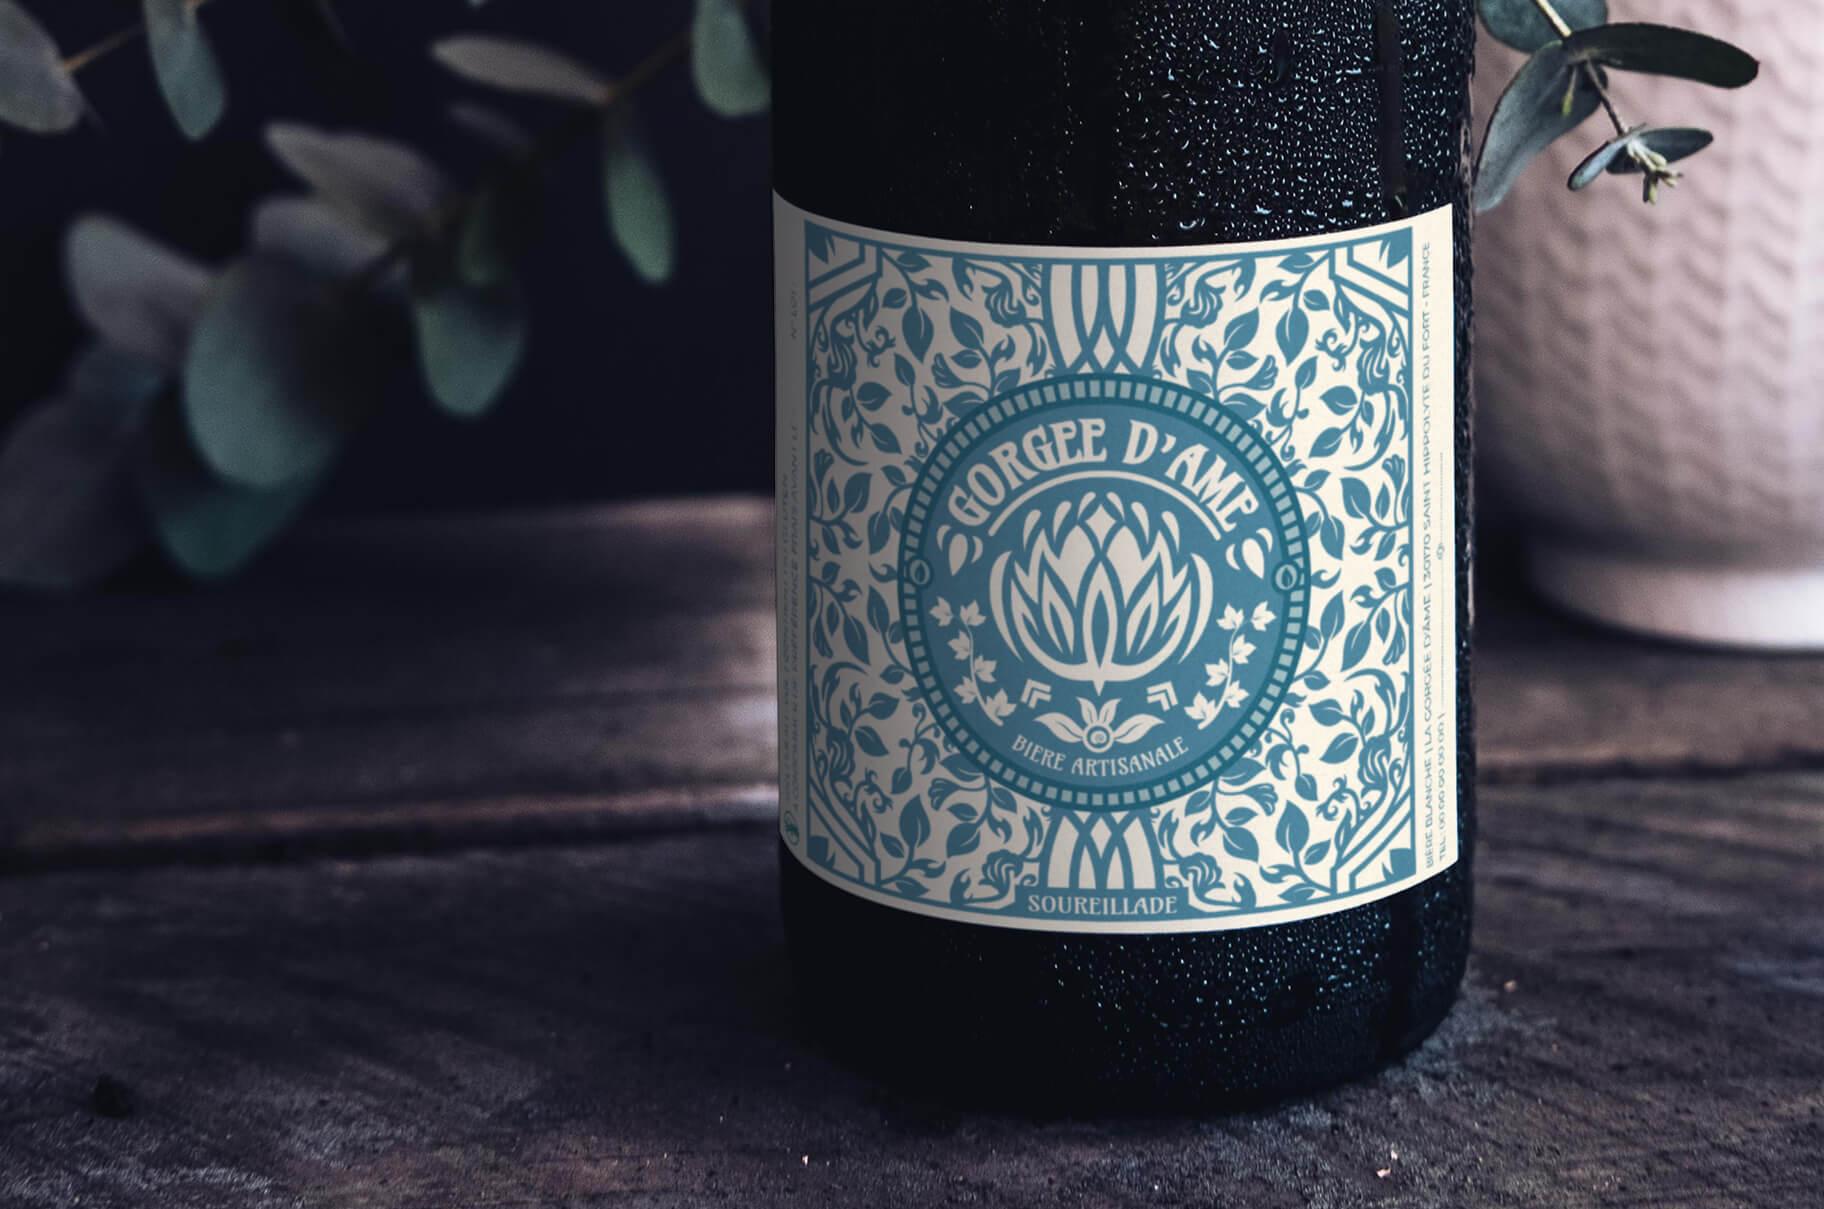 la gorgée d'âme brasserie artisanale dans les cévennes étiquette design packaging identité visuelle logo Cévennes Gard bière artisan local produits locaux